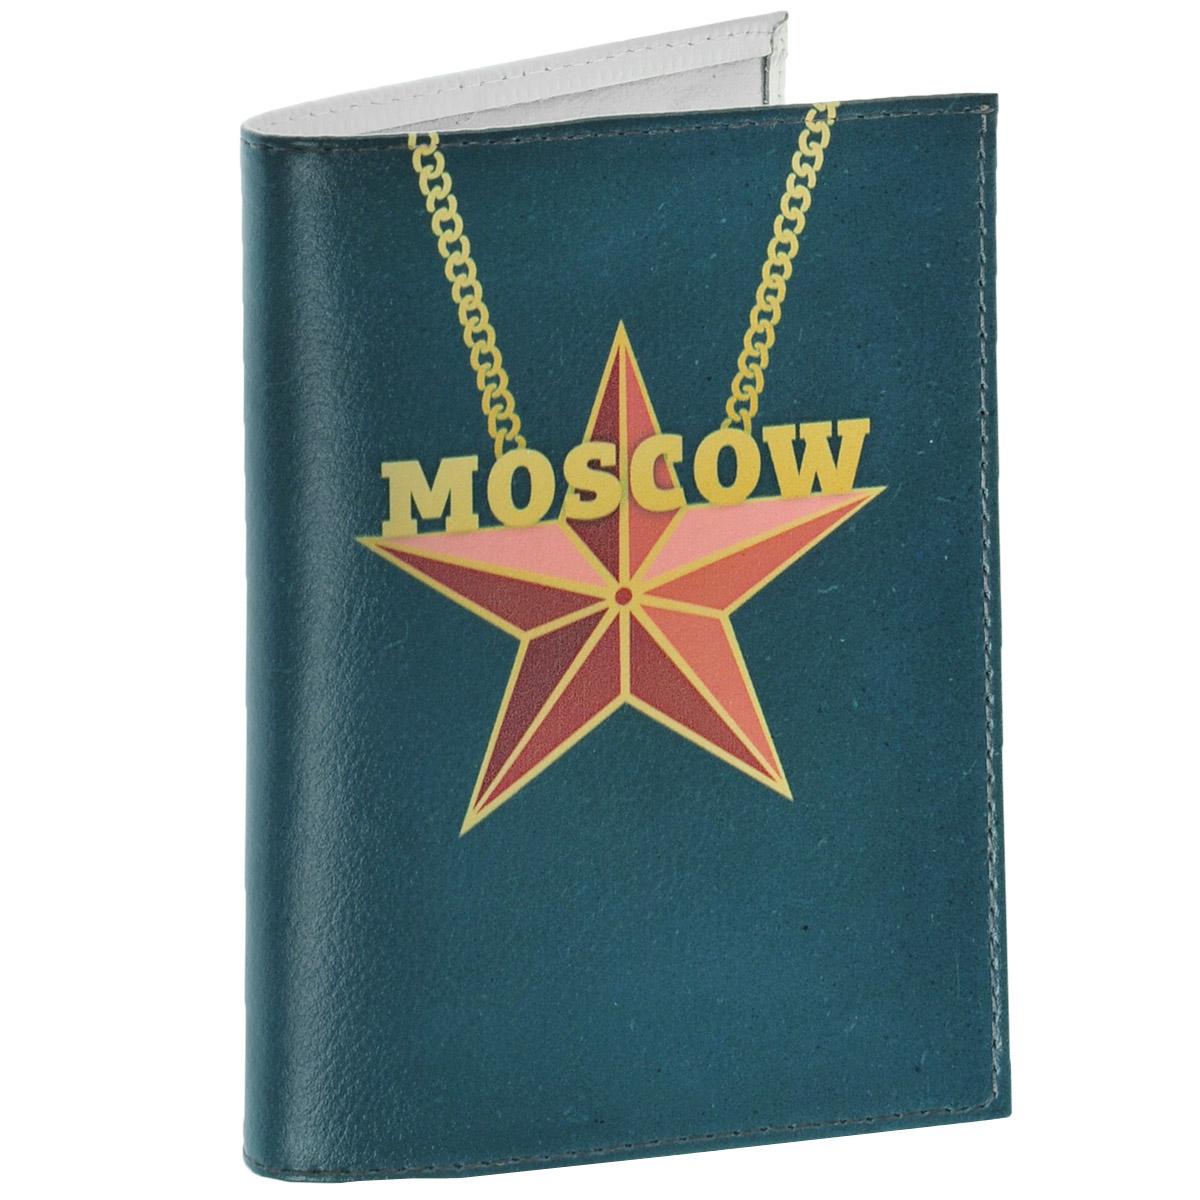 Обложка для паспорта Moscow Star. OK276OK276Обложка для паспорта Mitya Veselkov Moscow Star выполнена из натуральной кожи и оформлена изображением красной пятиконечной звезды, подвешенной на цепочку, и надписью Moscow. Такая обложка не только поможет сохранить внешний вид ваших документов и защитит их от повреждений, но и станет стильным аксессуаром, идеально подходящим вашему образу.Яркая и оригинальная обложка подчеркнет вашу индивидуальность и изысканный вкус. Обложка для паспорта стильного дизайна может быть достойным и оригинальным подарком.